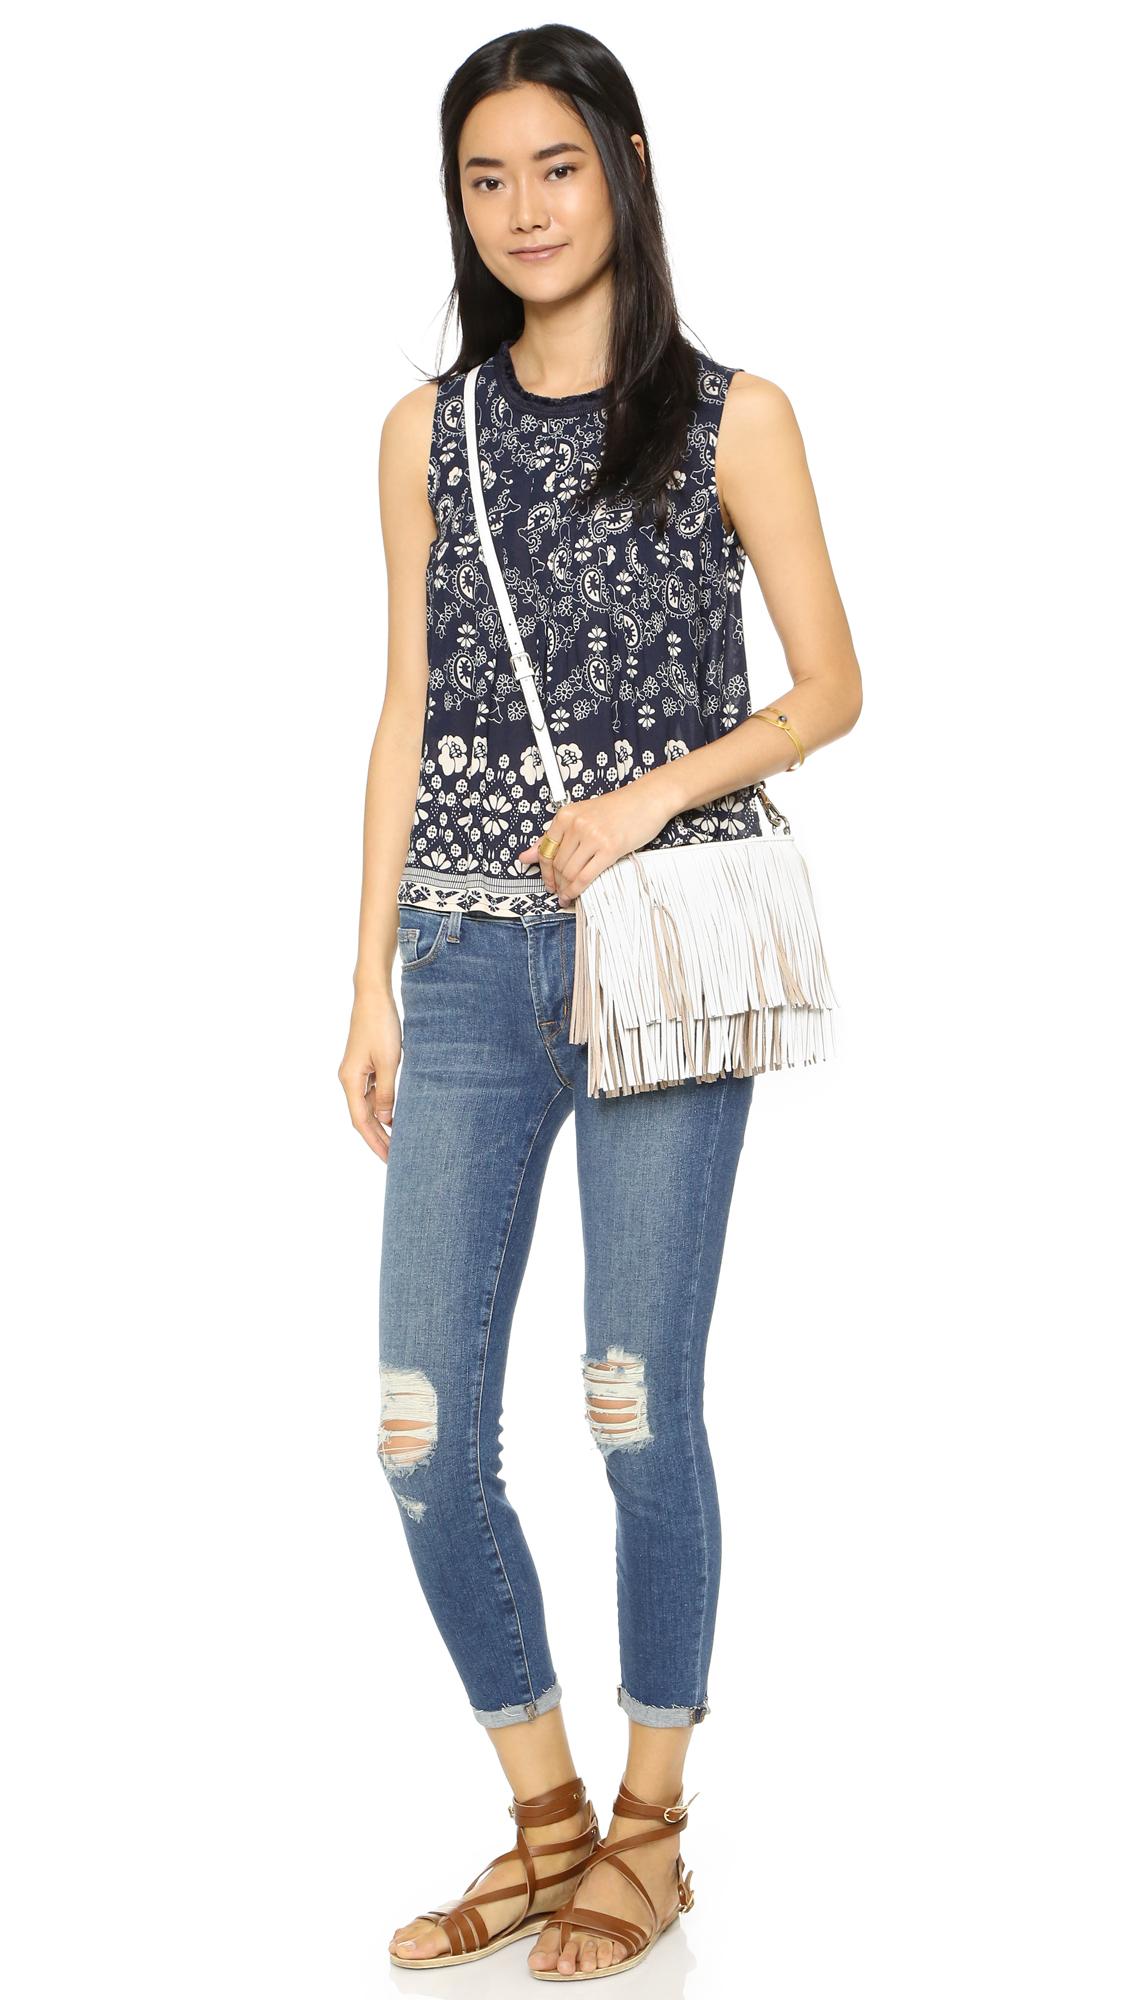 Lyst - Rebecca Minkoff Finn Cross Body Bag in White 0cc0a7c66923a